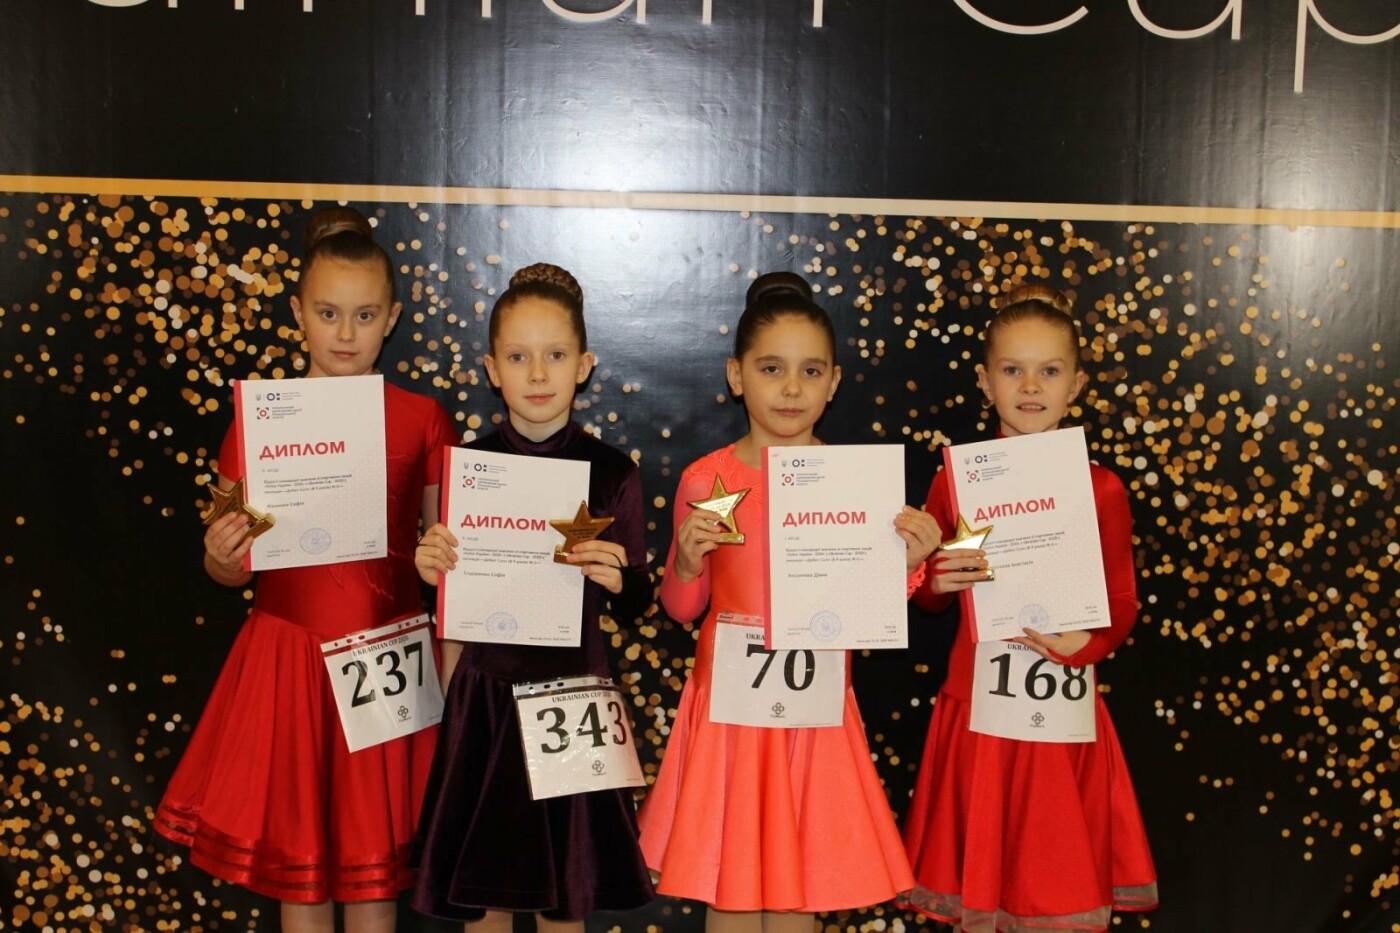 Вихованці студії «Колор» привезли нагороди з Міжнародних змагань зі спортивних танців, фото-2